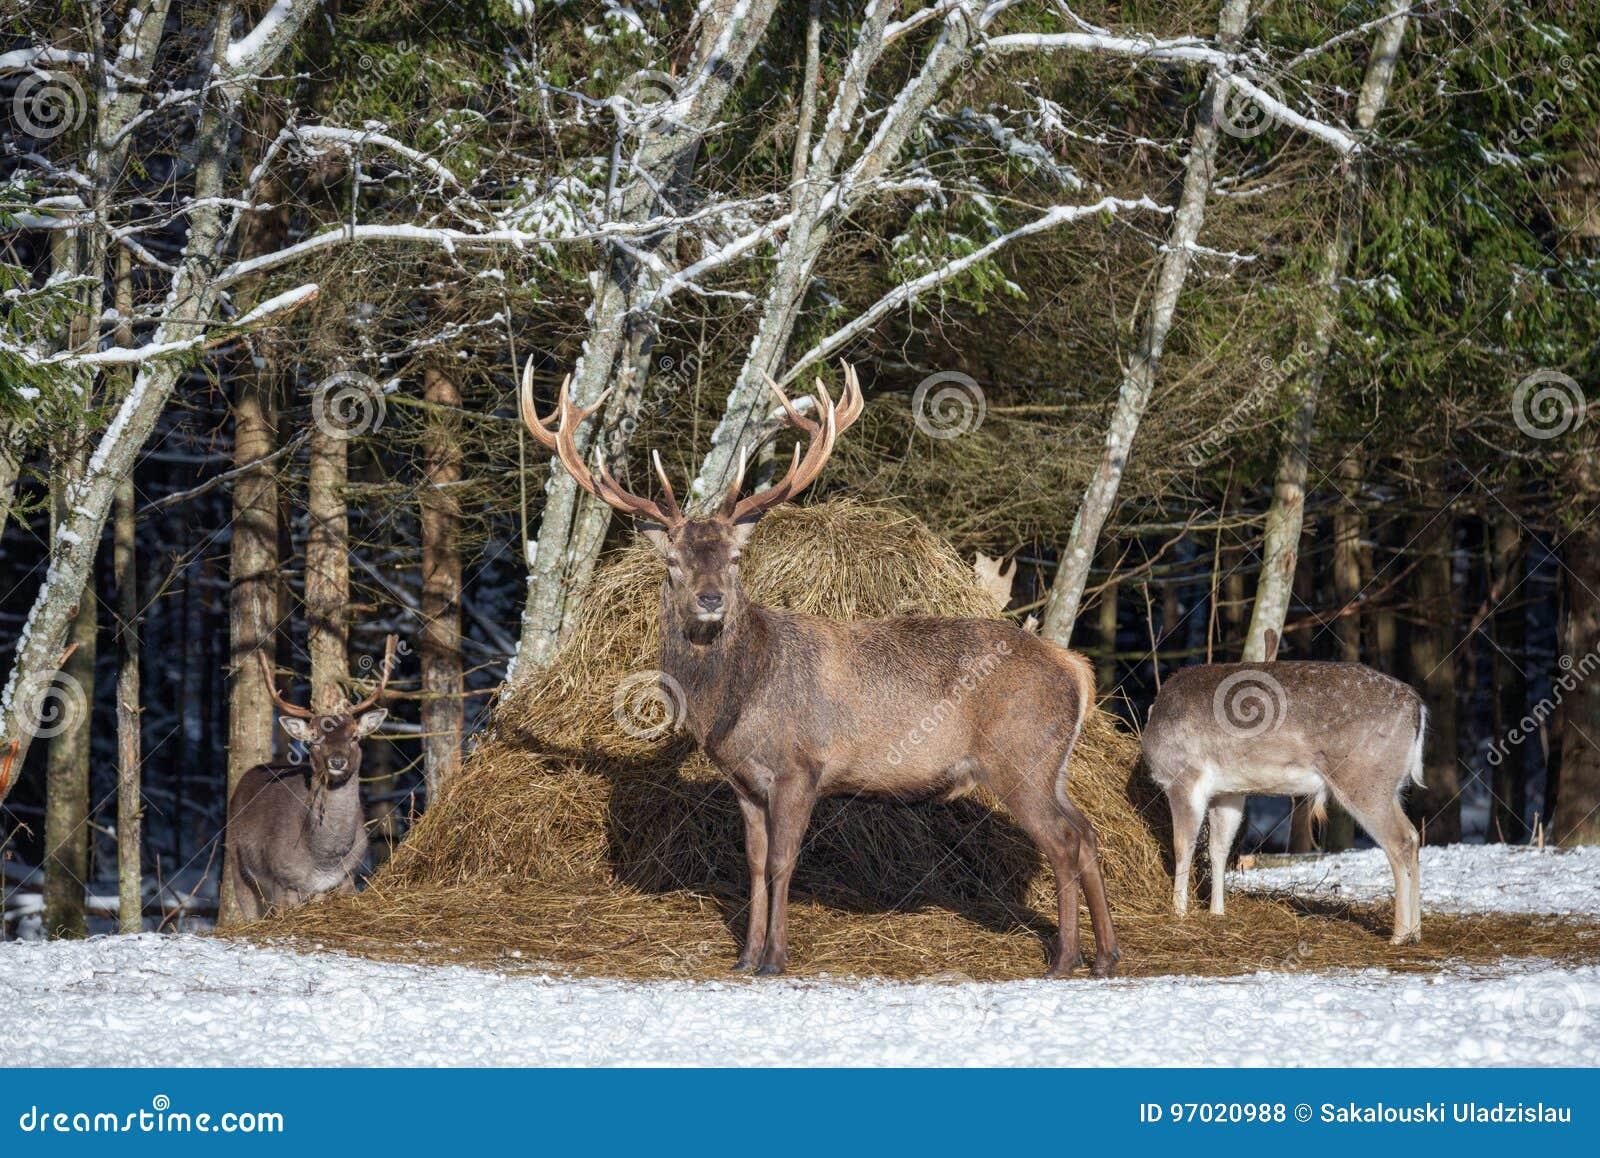 Rotwild-Hirsch Cervus Elaphus und zwei Damhirsche Dama Dama Gruppe verschiedene Spezies von Rotwild Graze In Winter Field Near A